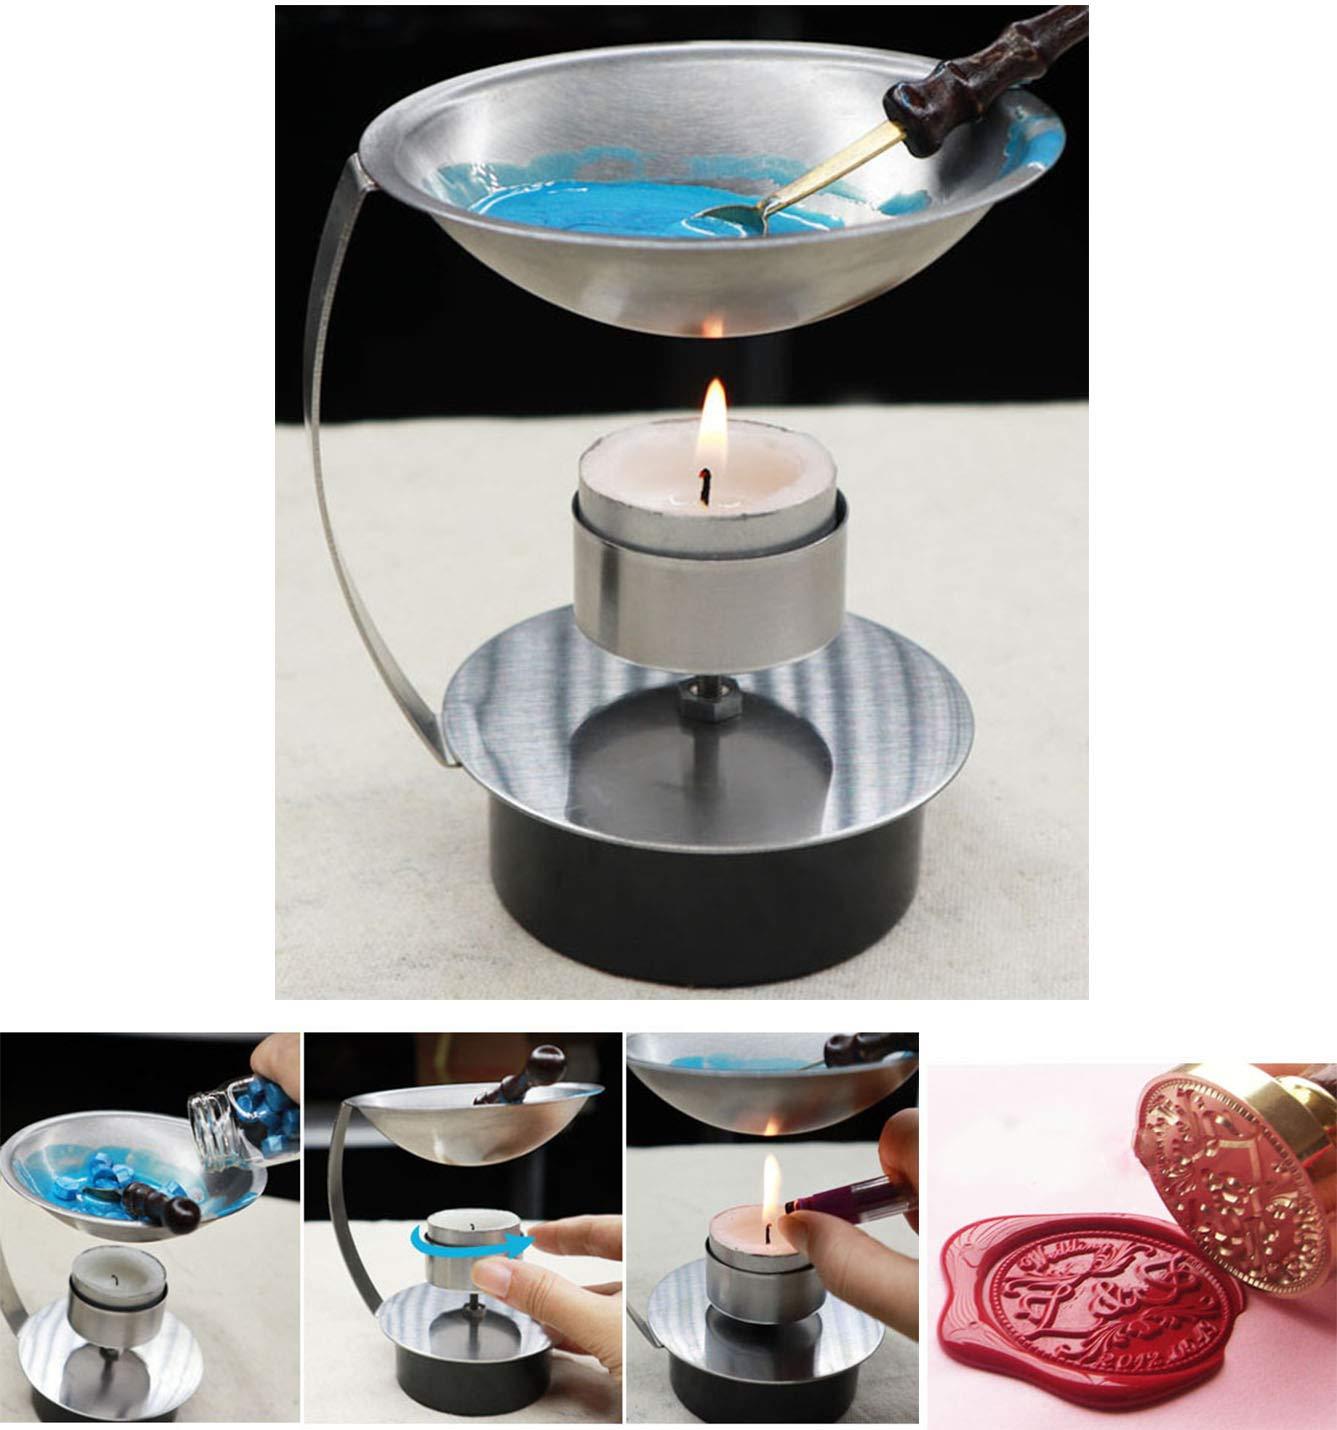 mdlg ajustable perlas de fuego Kit de altura cera cuchara de fusión calentador de cera de fusión herramienta de horno estufa olla para sello de cera ...